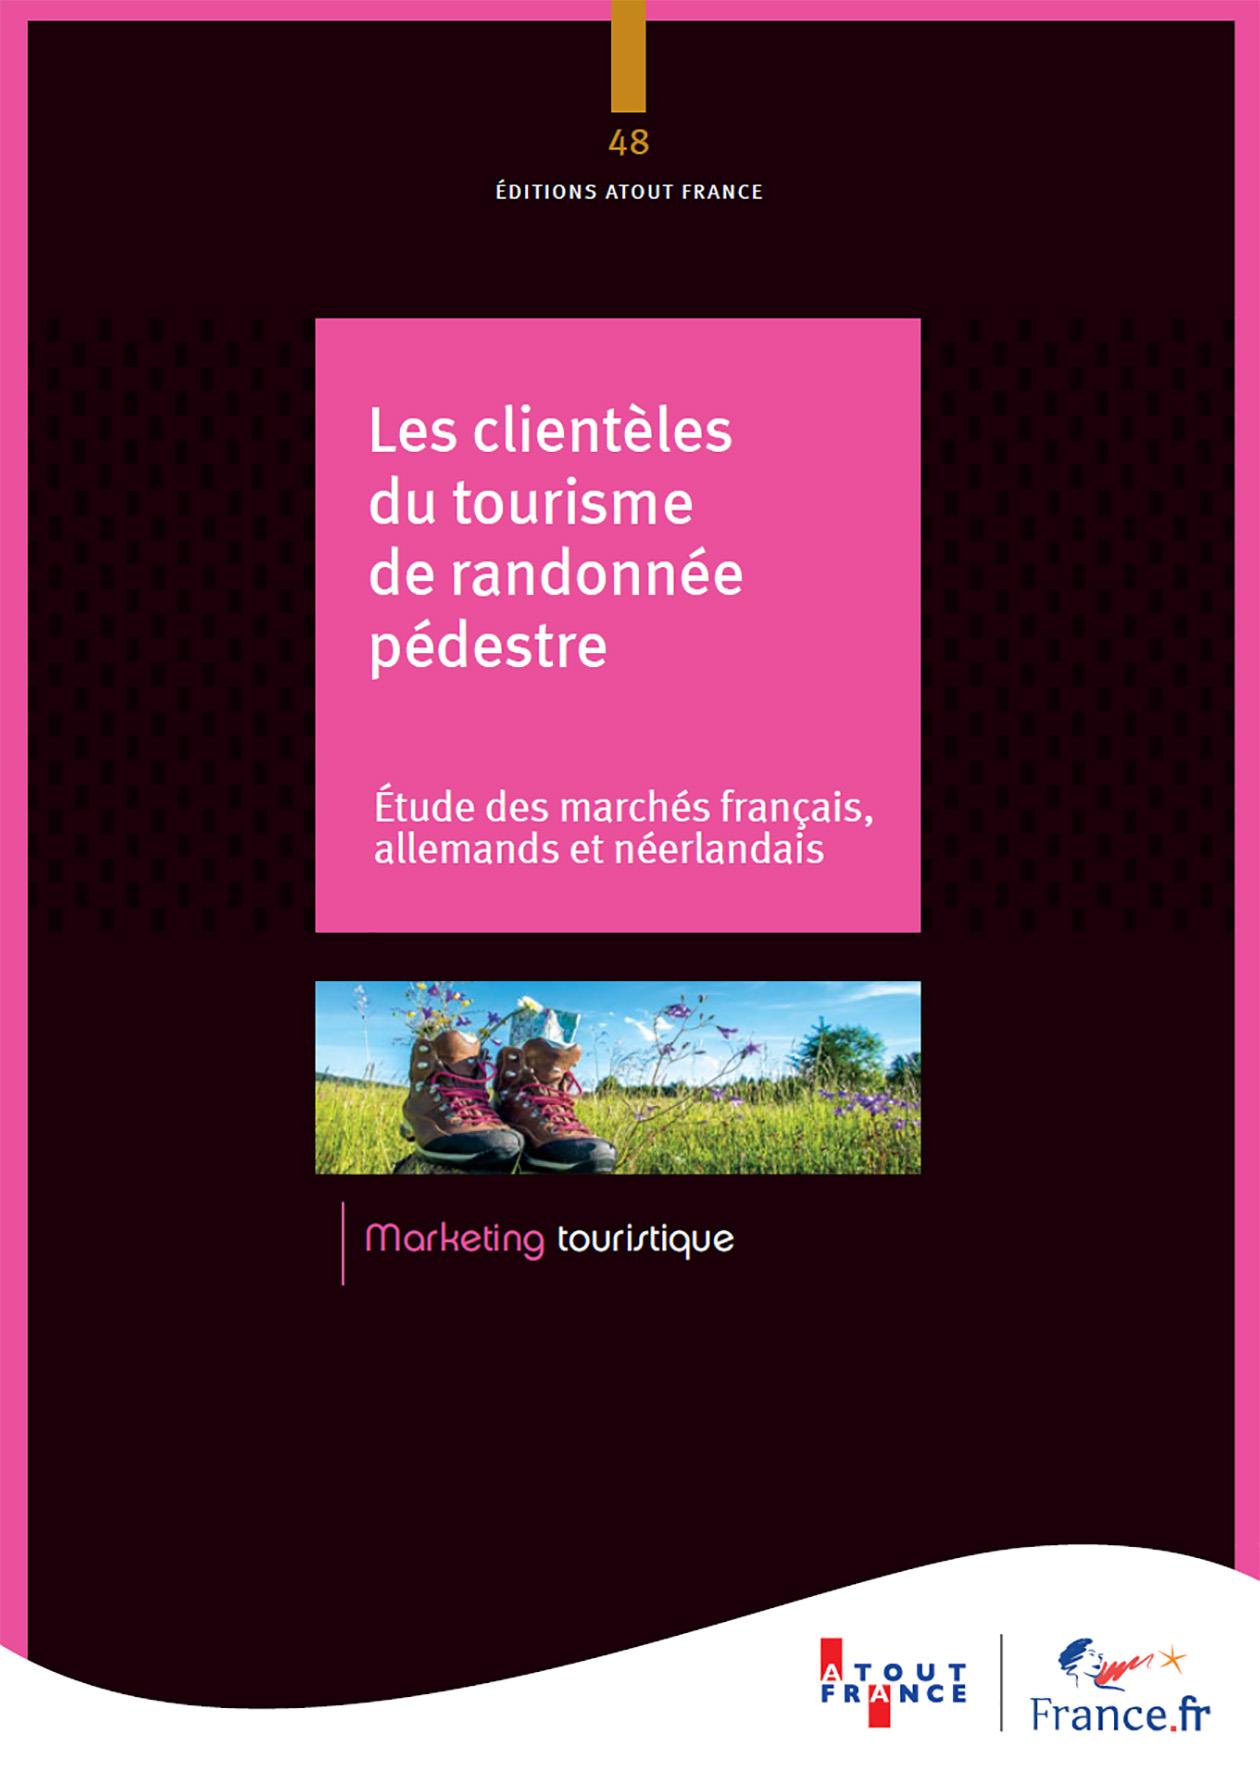 Atout France publie une étude sur la randonnée pédestre